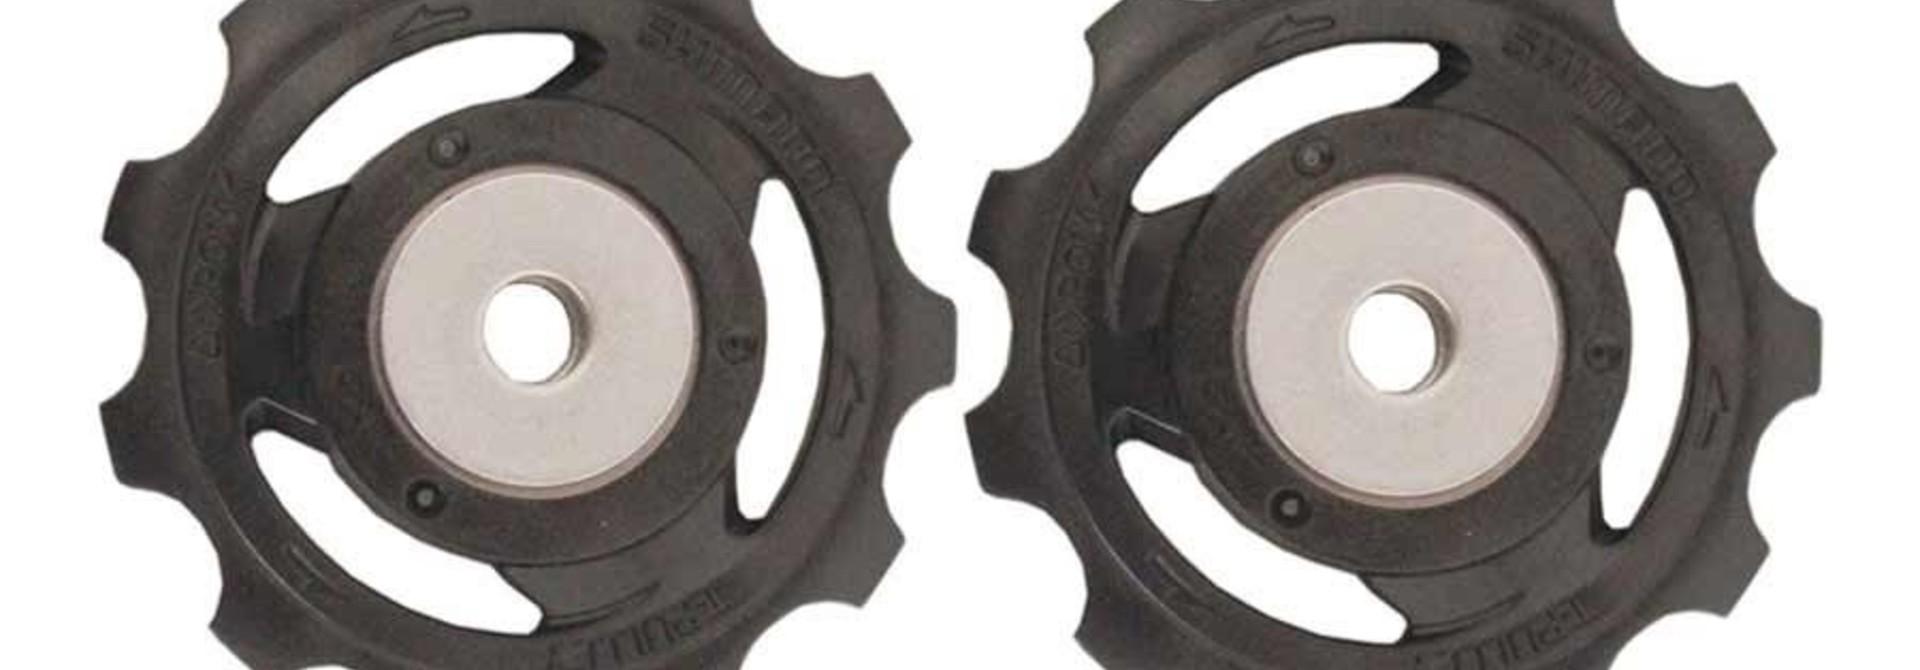 Shimano, 105 RD-R7000 Pulleys, Set, Y3F398010